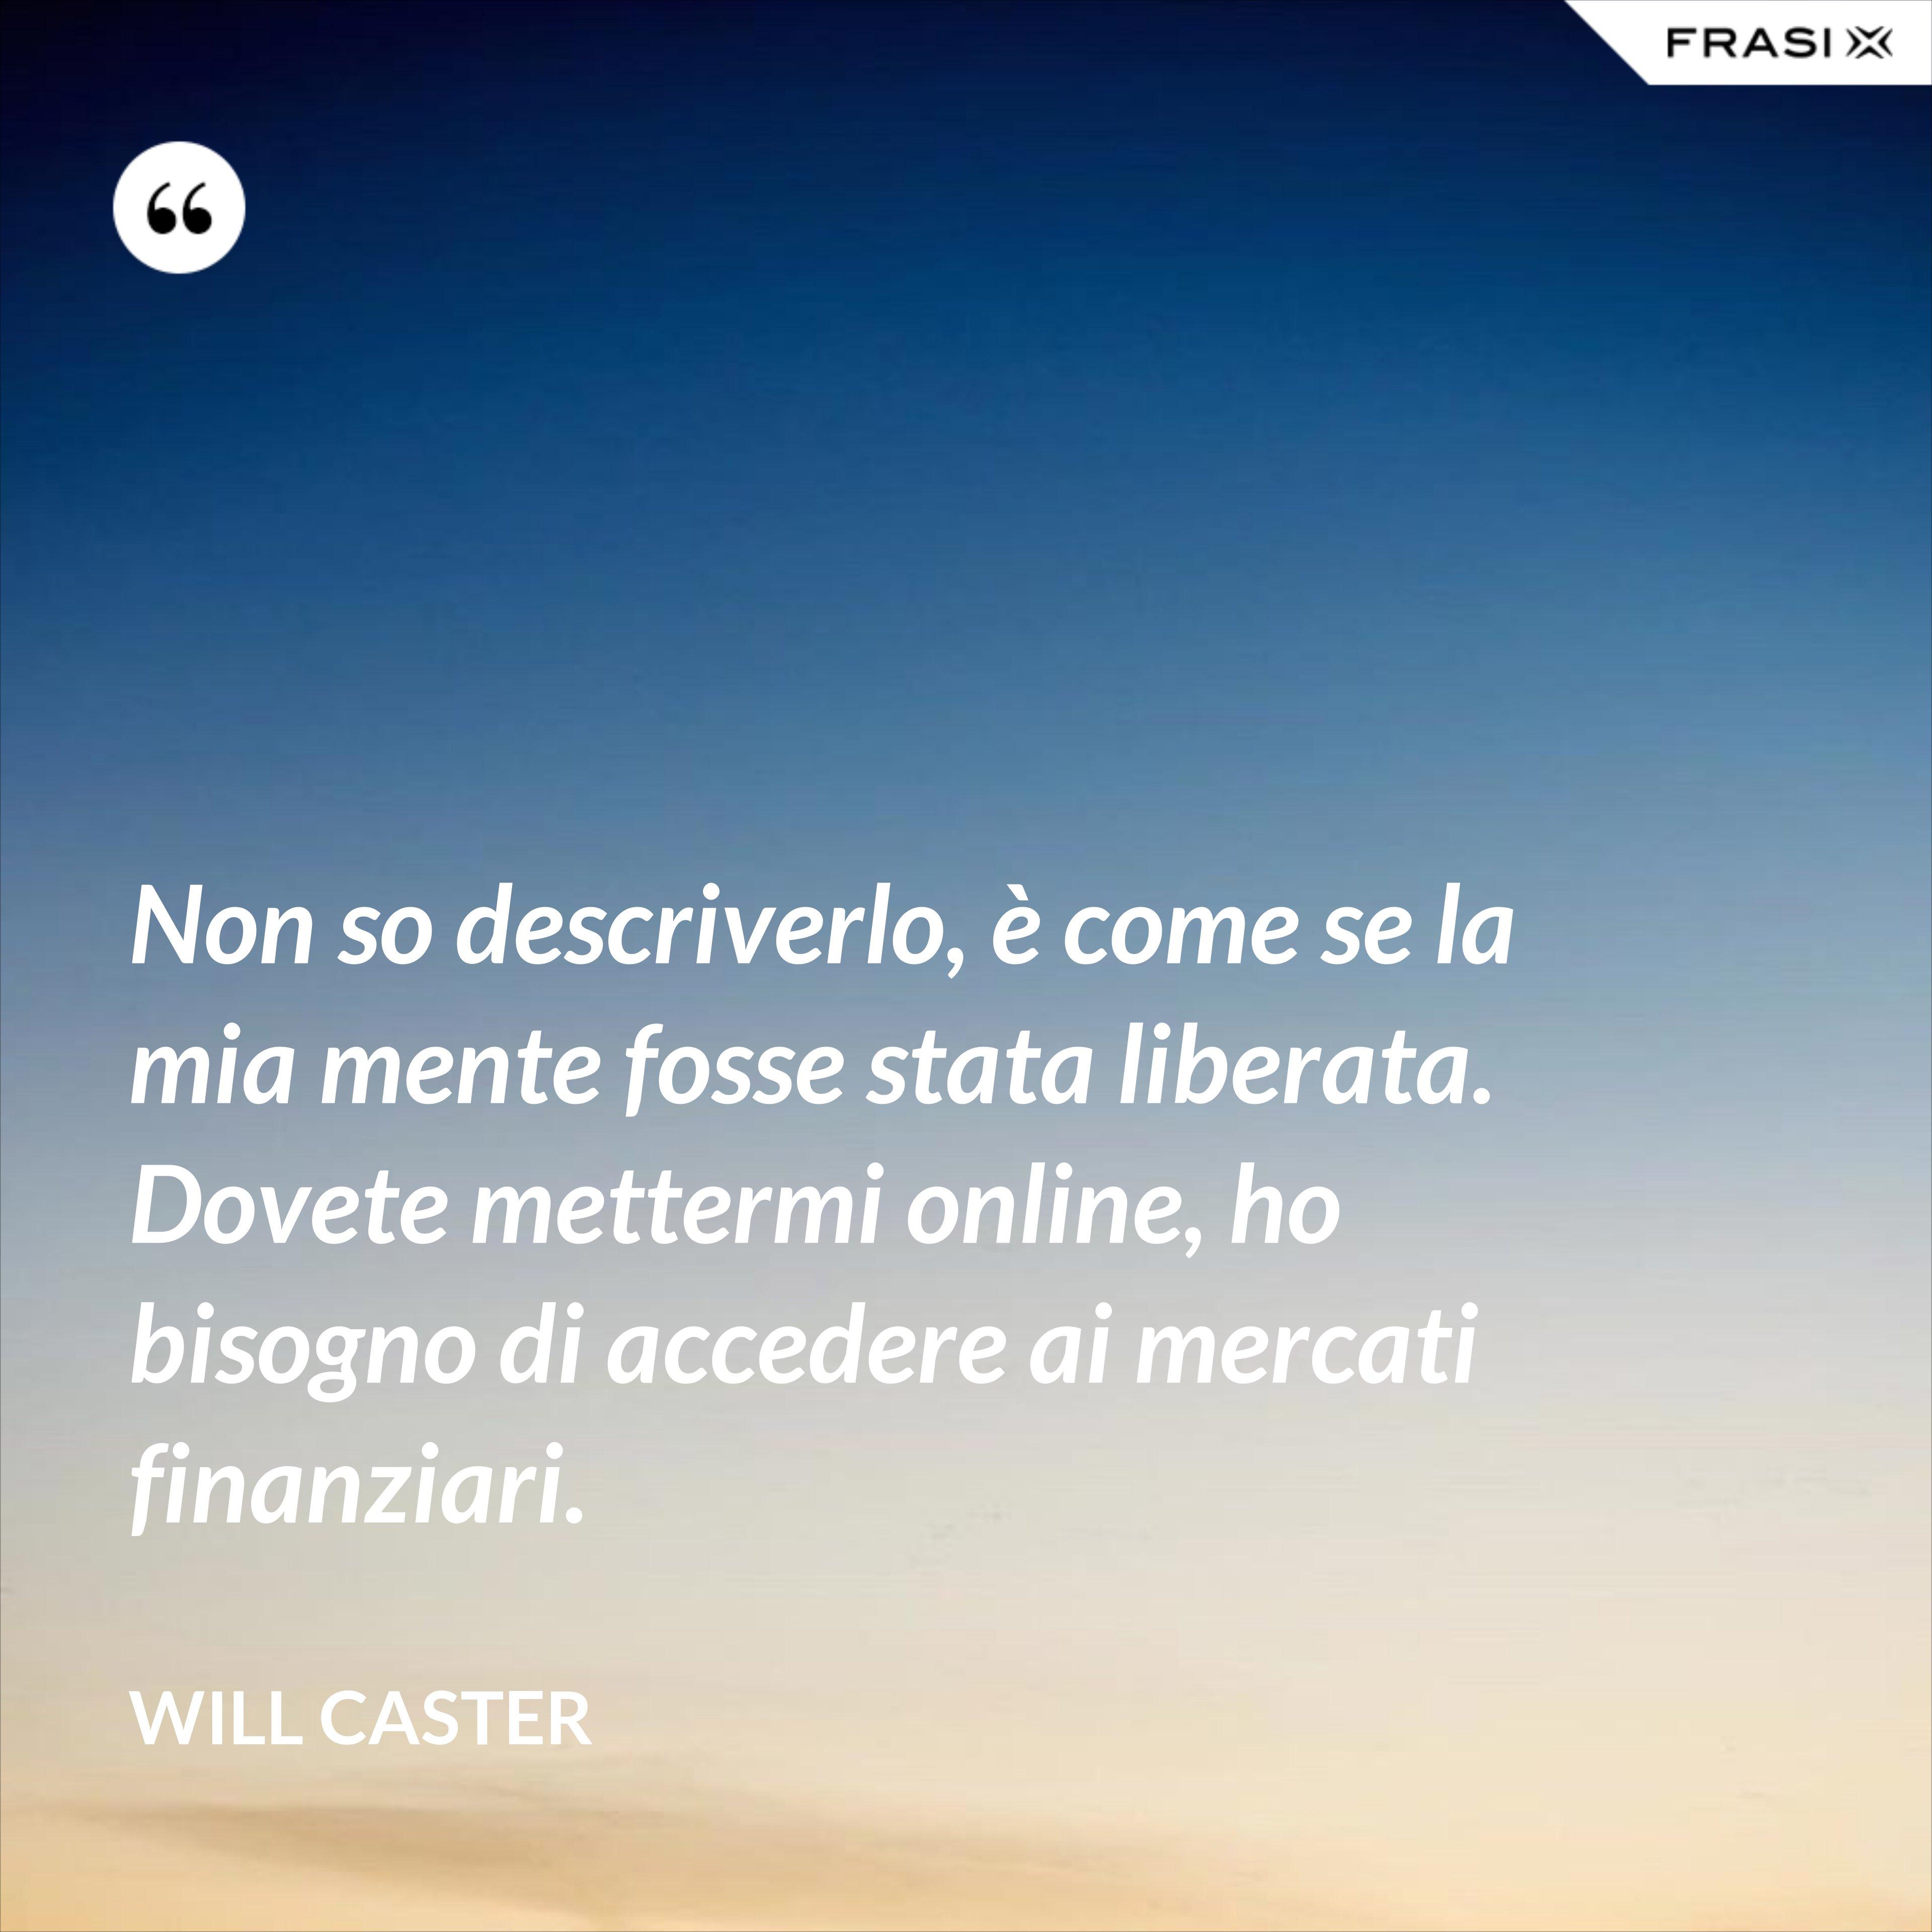 Non so descriverlo, è come se la mia mente fosse stata liberata. Dovete mettermi online, ho bisogno di accedere ai mercati finanziari. - Will Caster